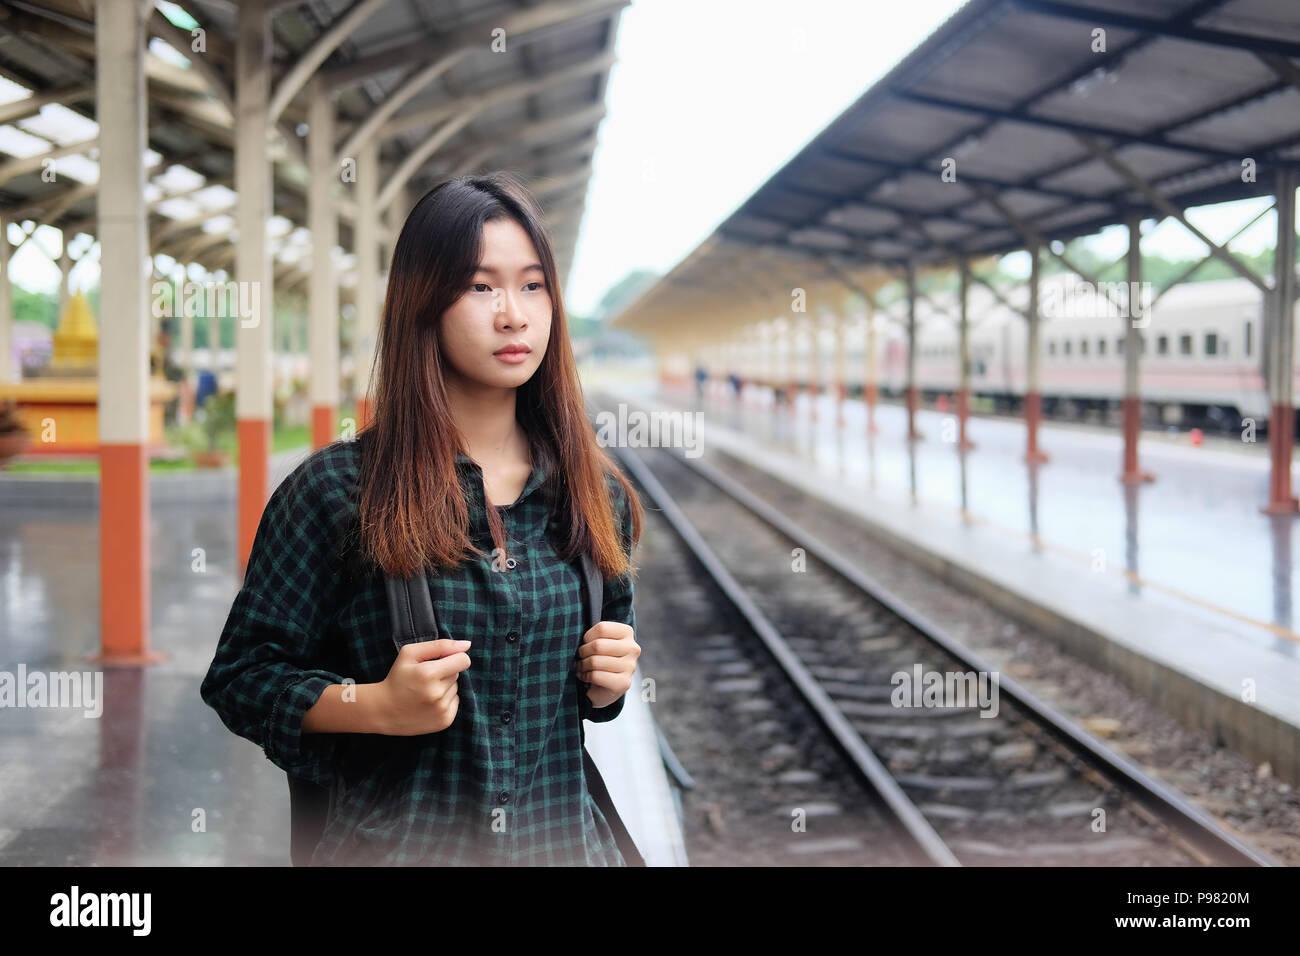 Aisan donna aspettando il treno in stazione con Tavel concetto. Immagini Stock